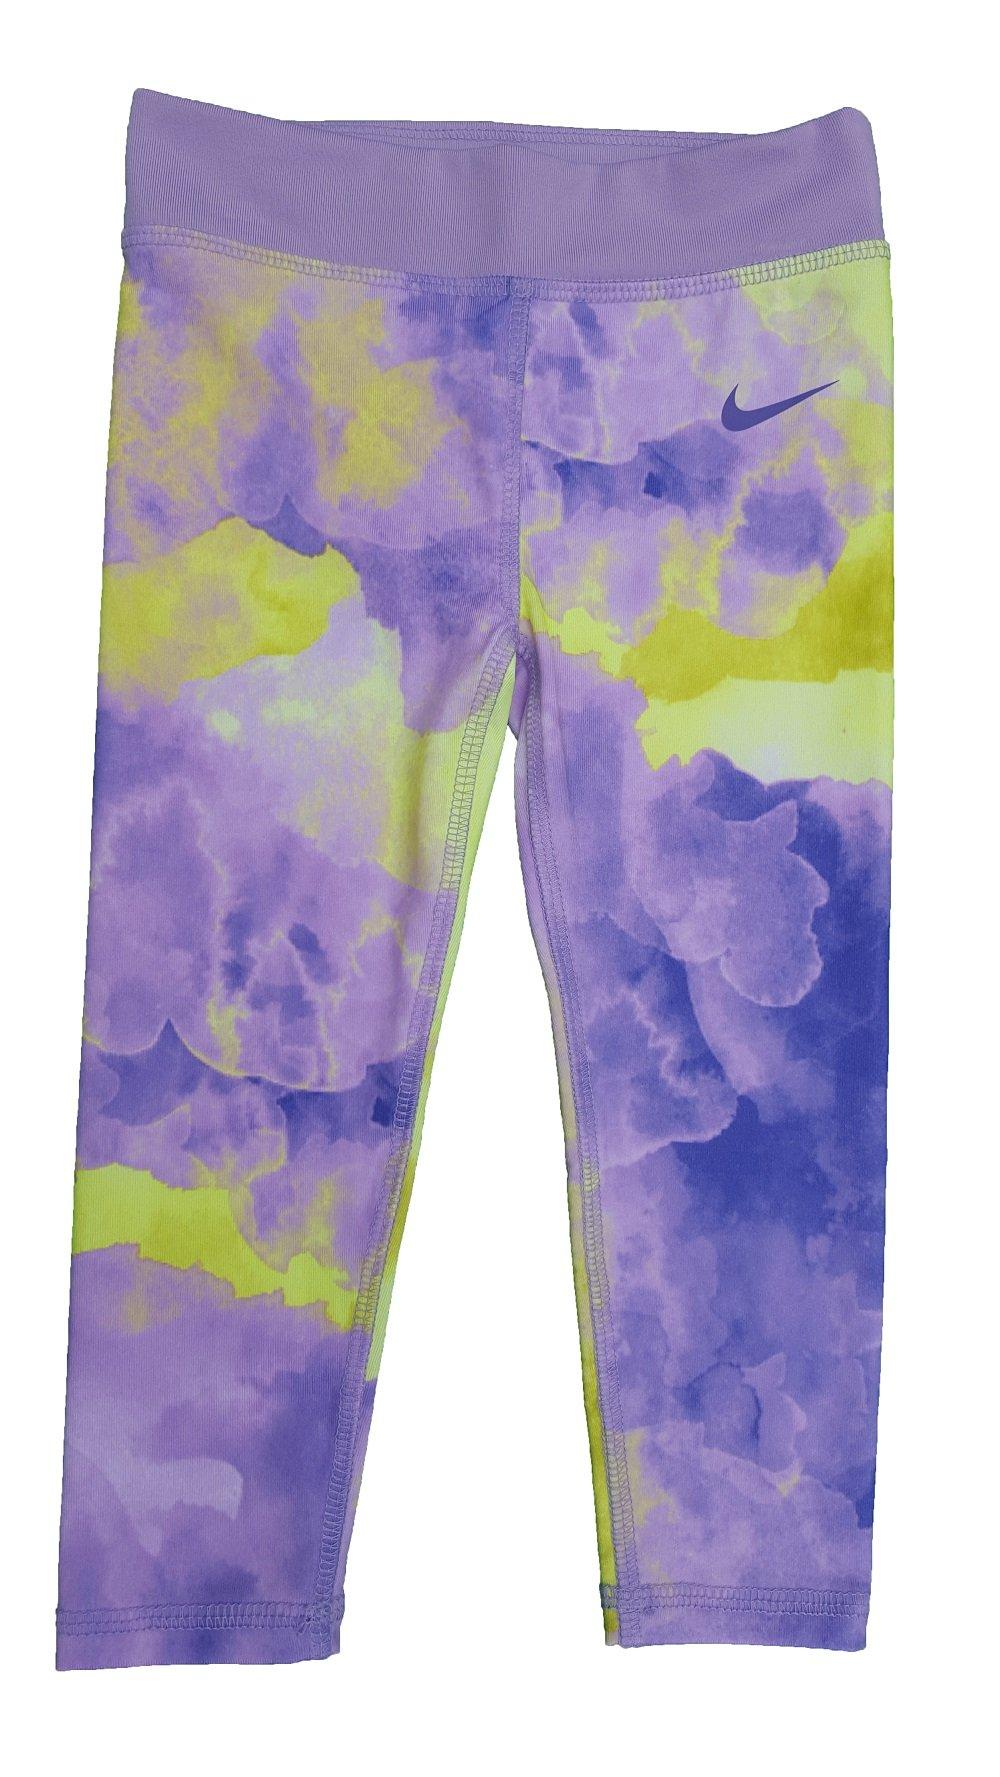 Nike Dri-fit Essentials Capris - Girls' Preschool (2T, Hydrangeas)